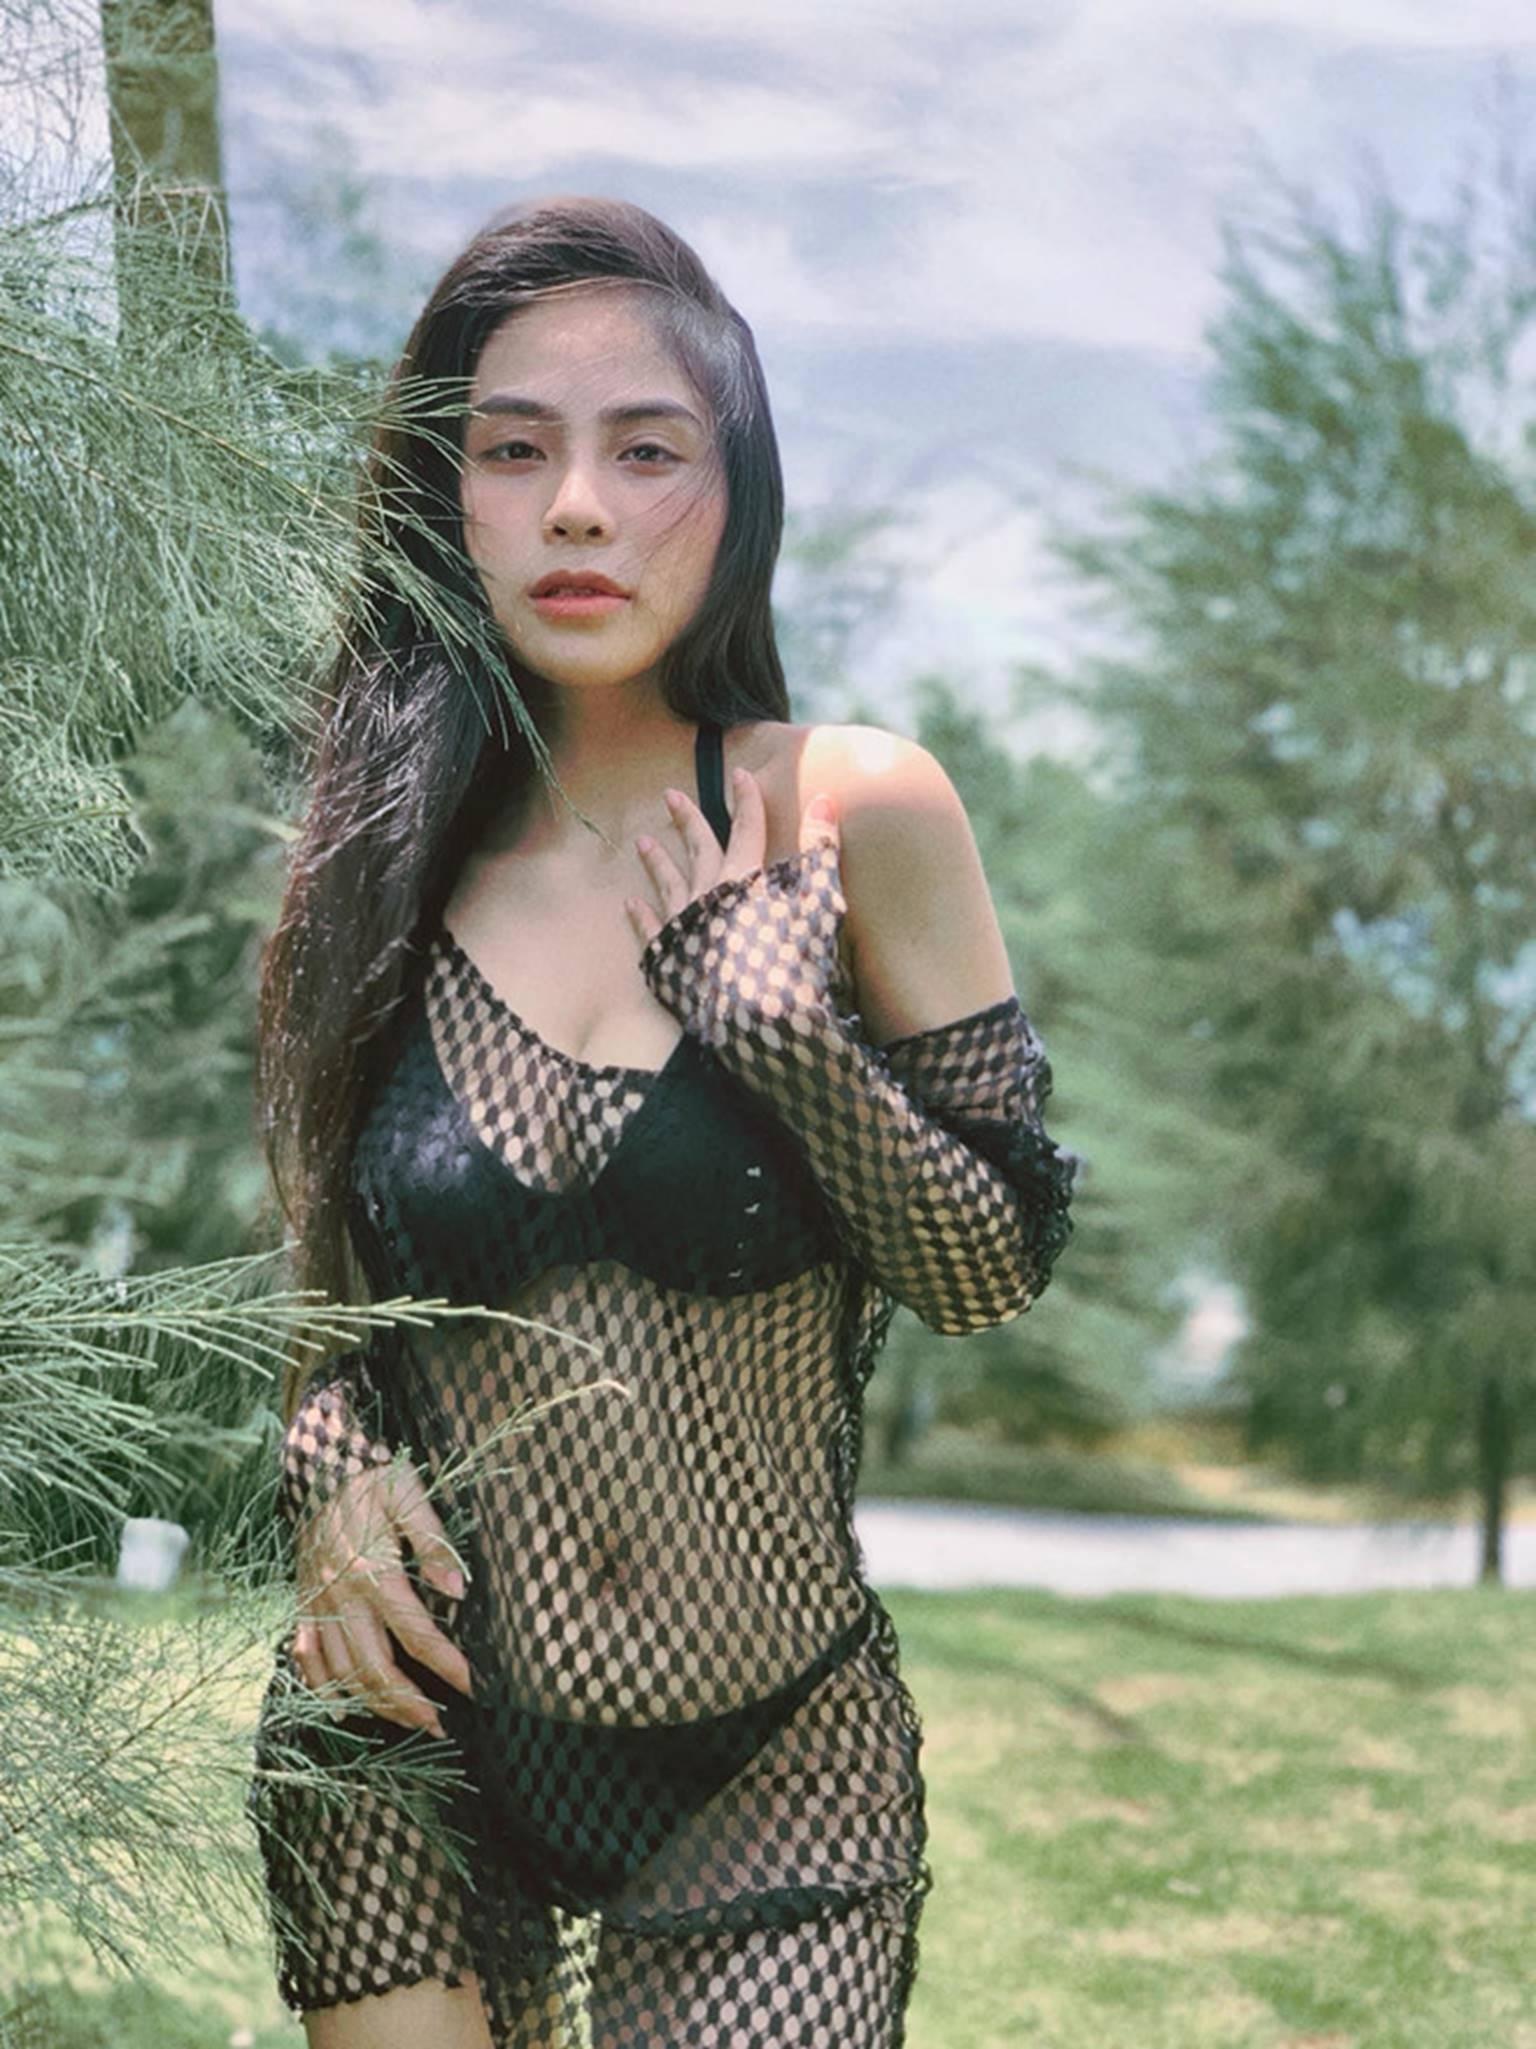 Ca nương Kiều Anh đăng ảnh diện bikini khoe vòng một 90 cm-6